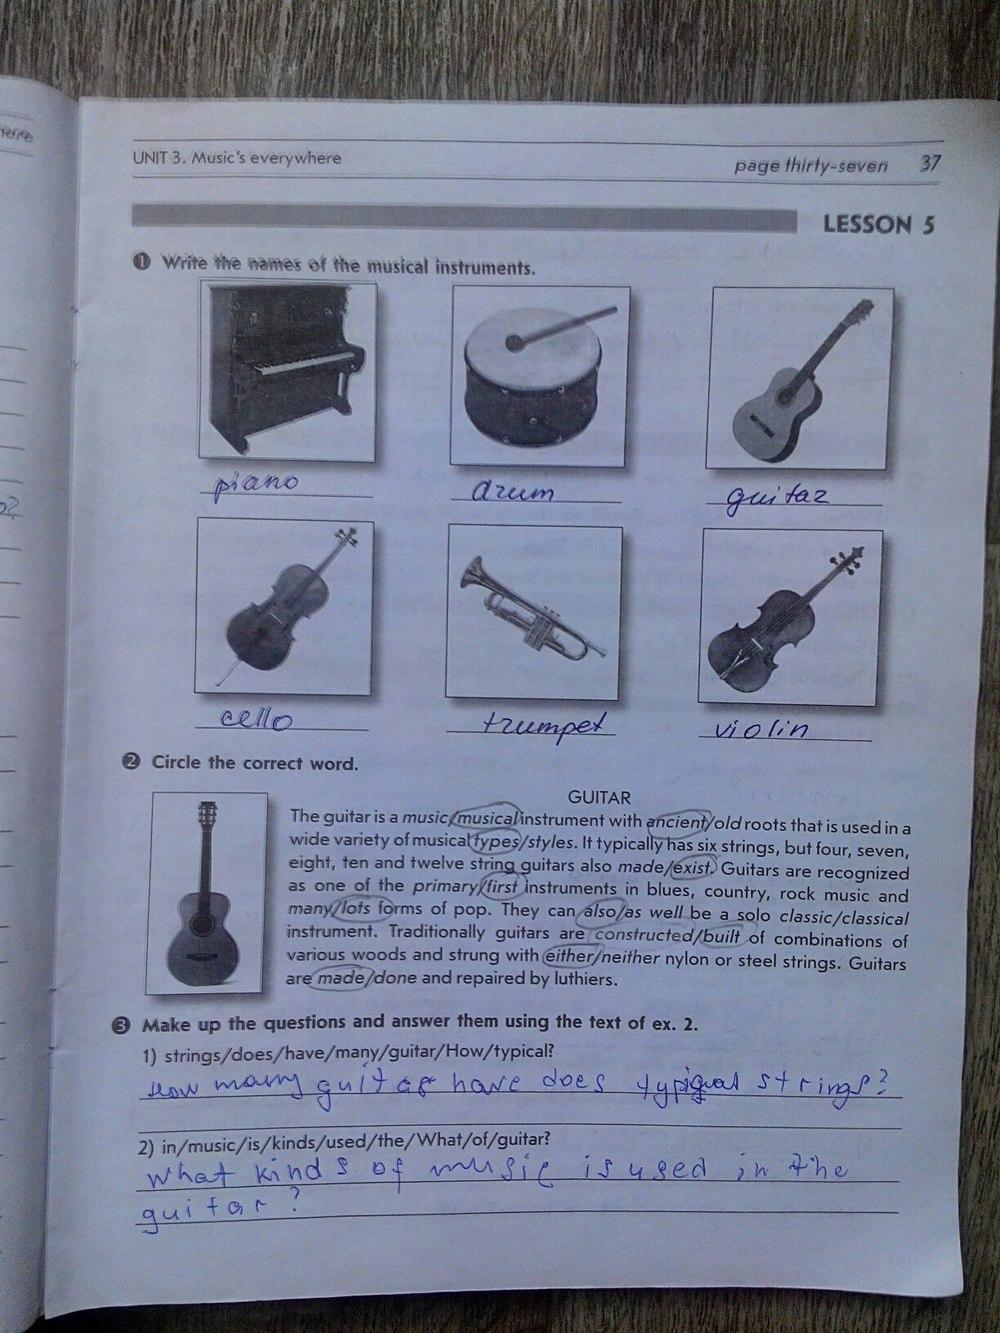 ГДЗ відповіді робочий зошит по английскому языку 8 класс О.М. Павліченко. Задание: стр. 37